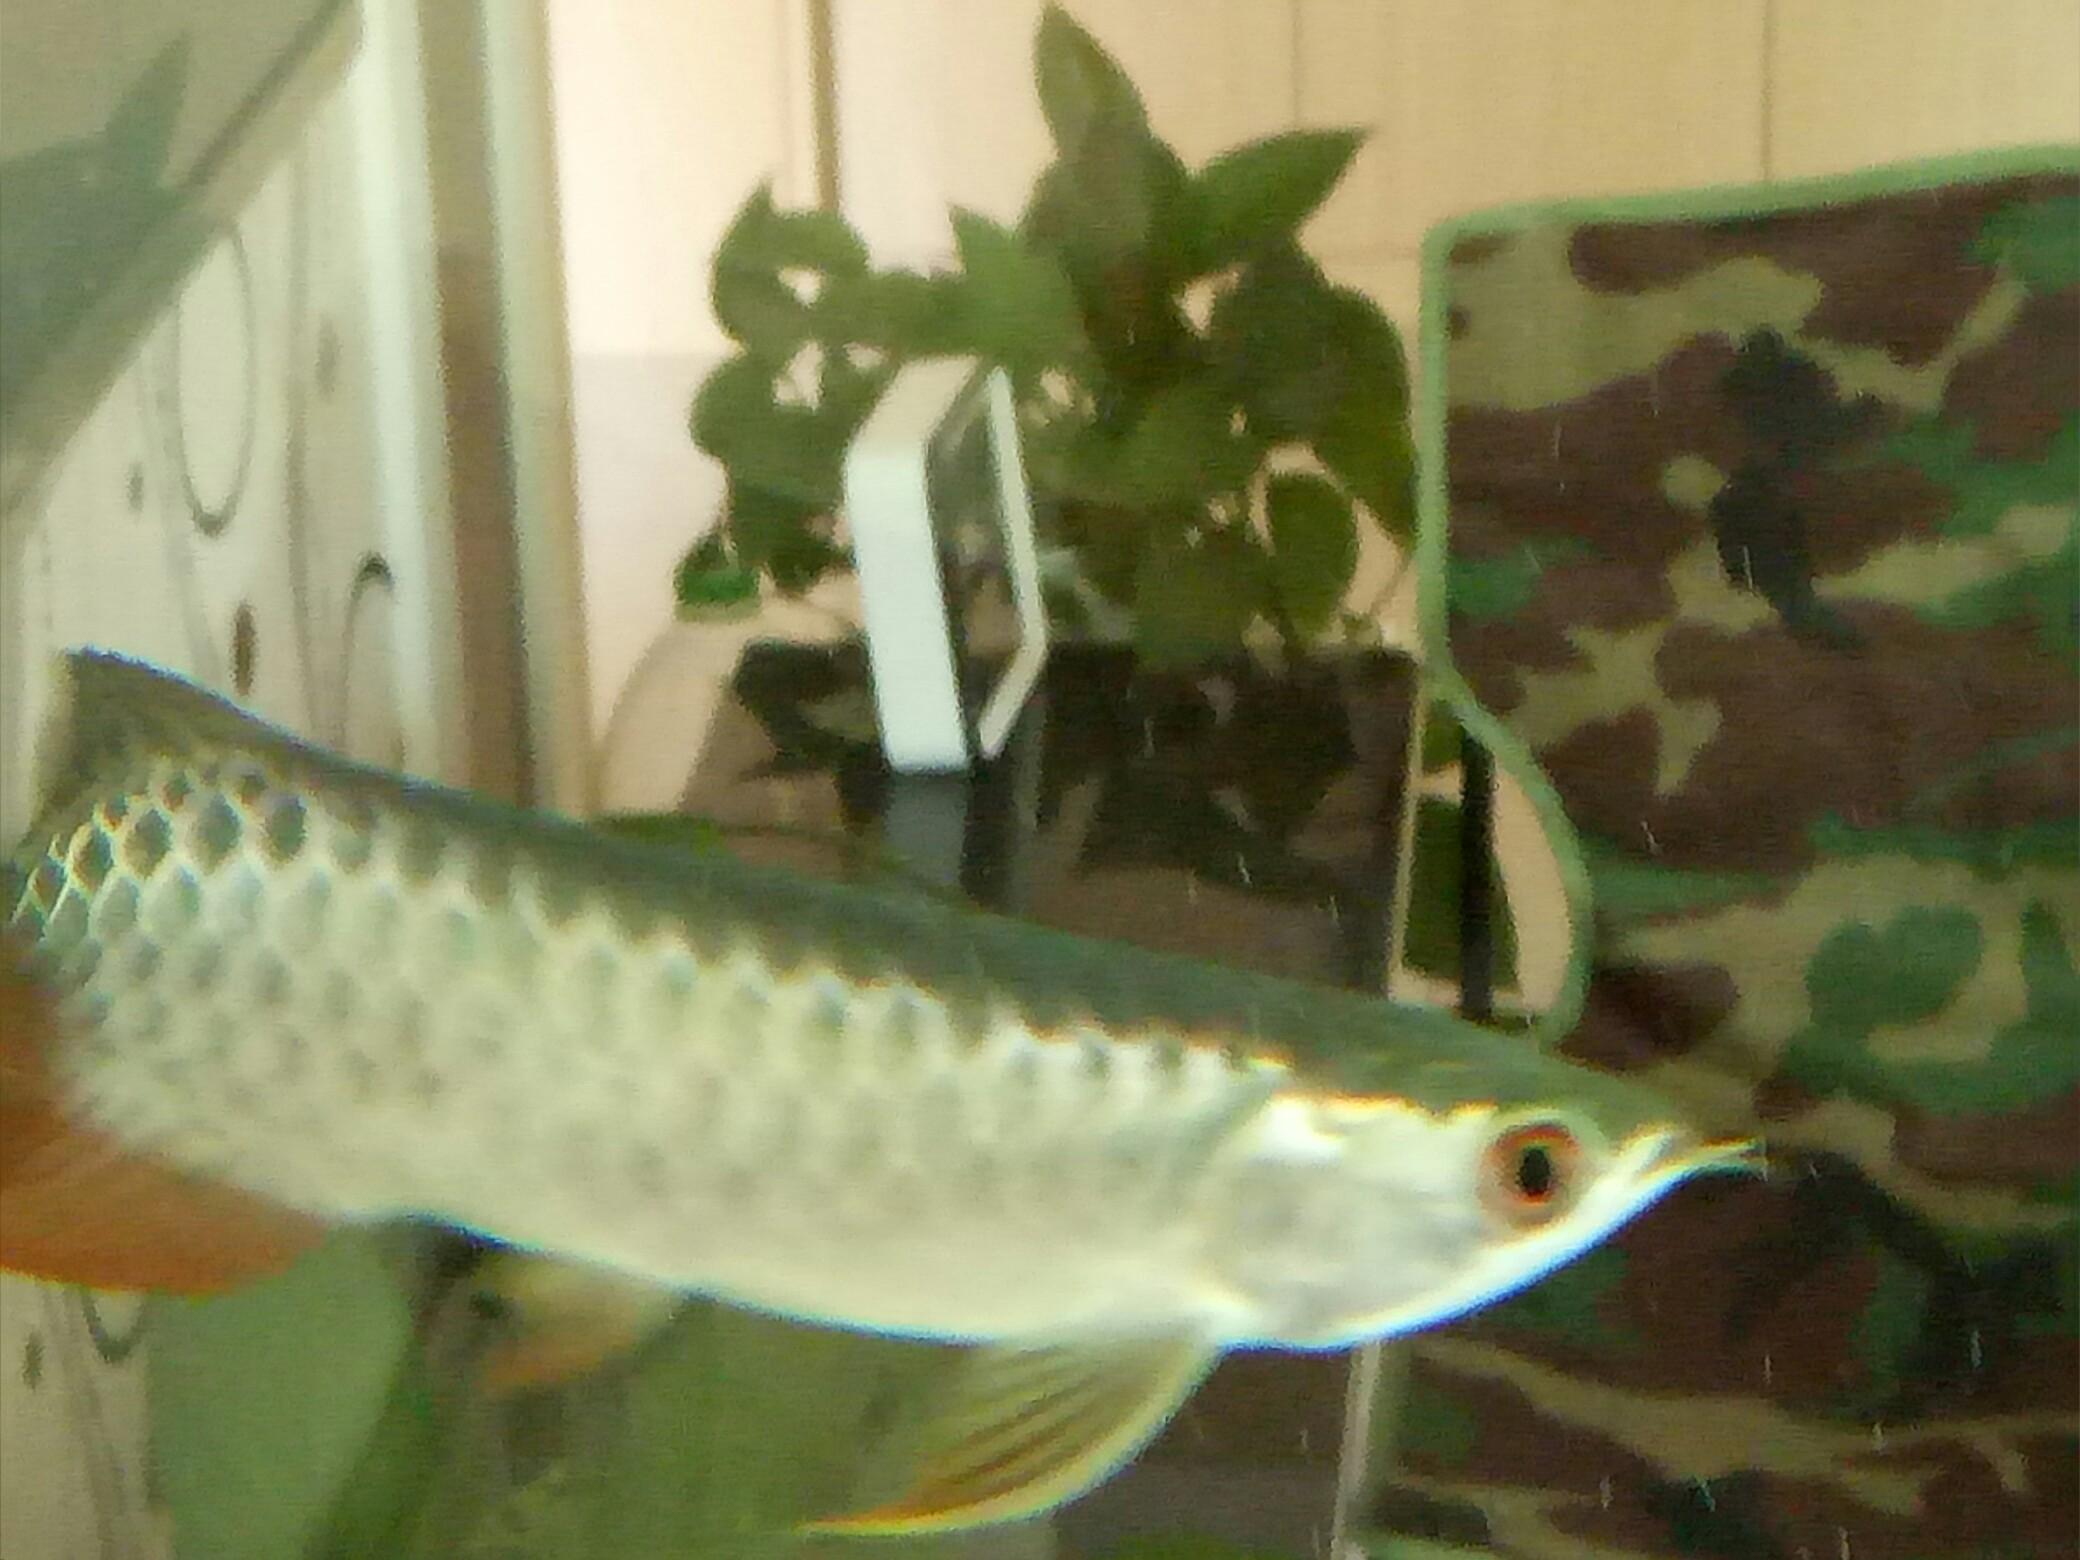 蓝底过背金龙 西安观赏鱼信息 西安博特第2张